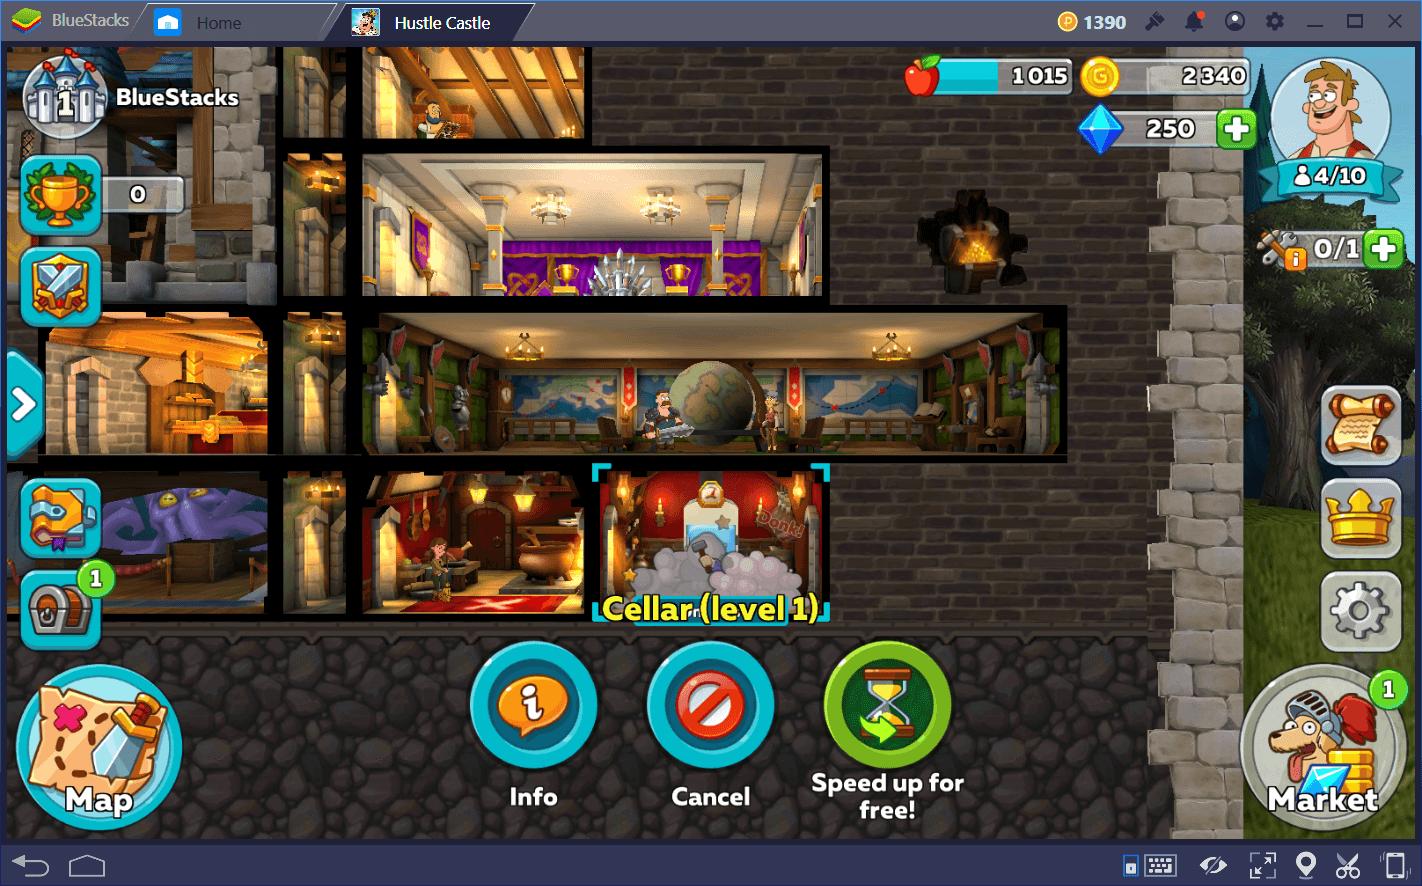 Hustle Castle: Fantasy Kingdomhack astuce et triche